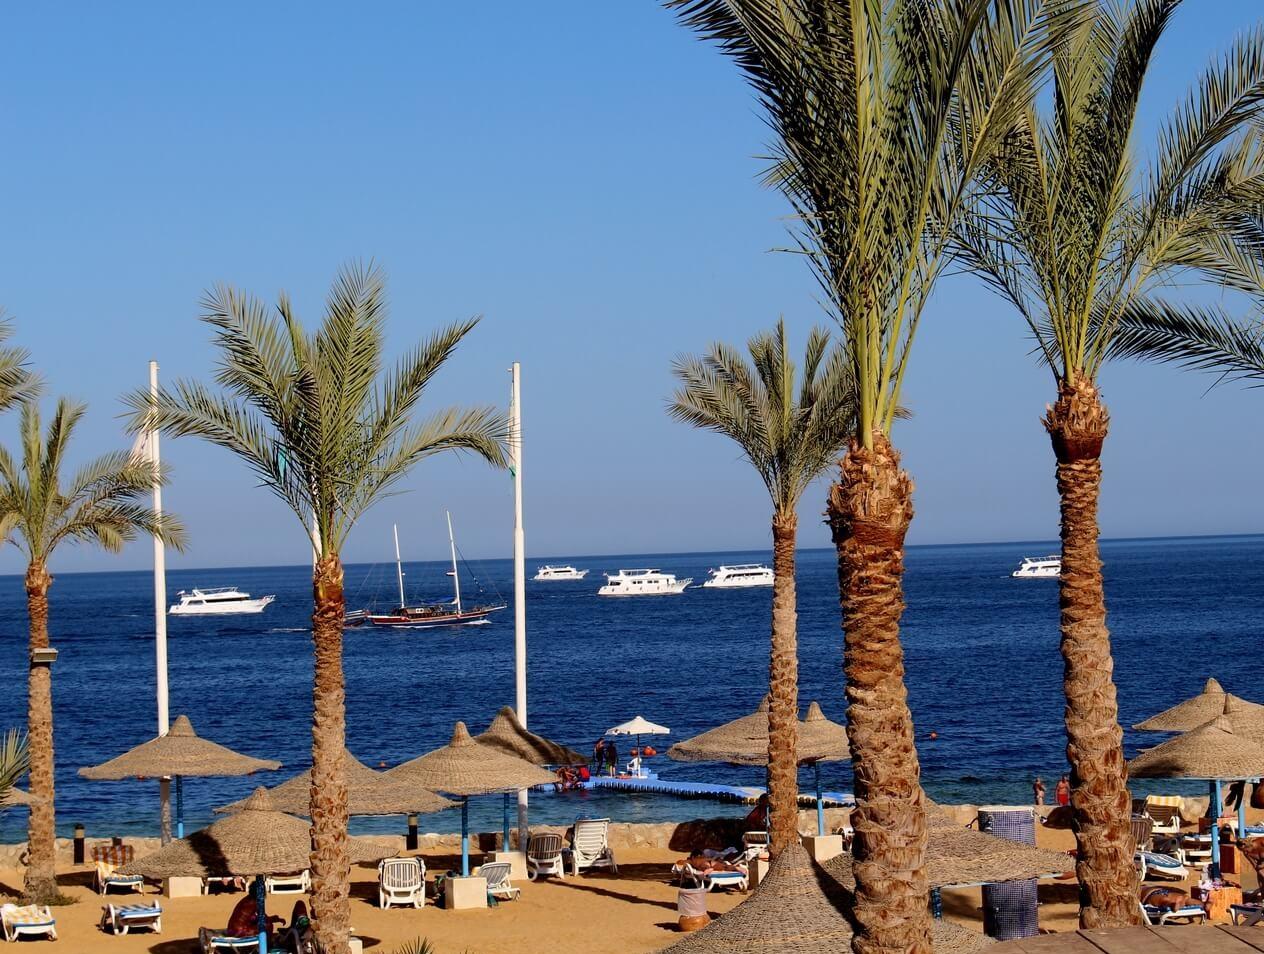 відпочинок в єгипті, тури в єгипет, горячі тури до єгипту